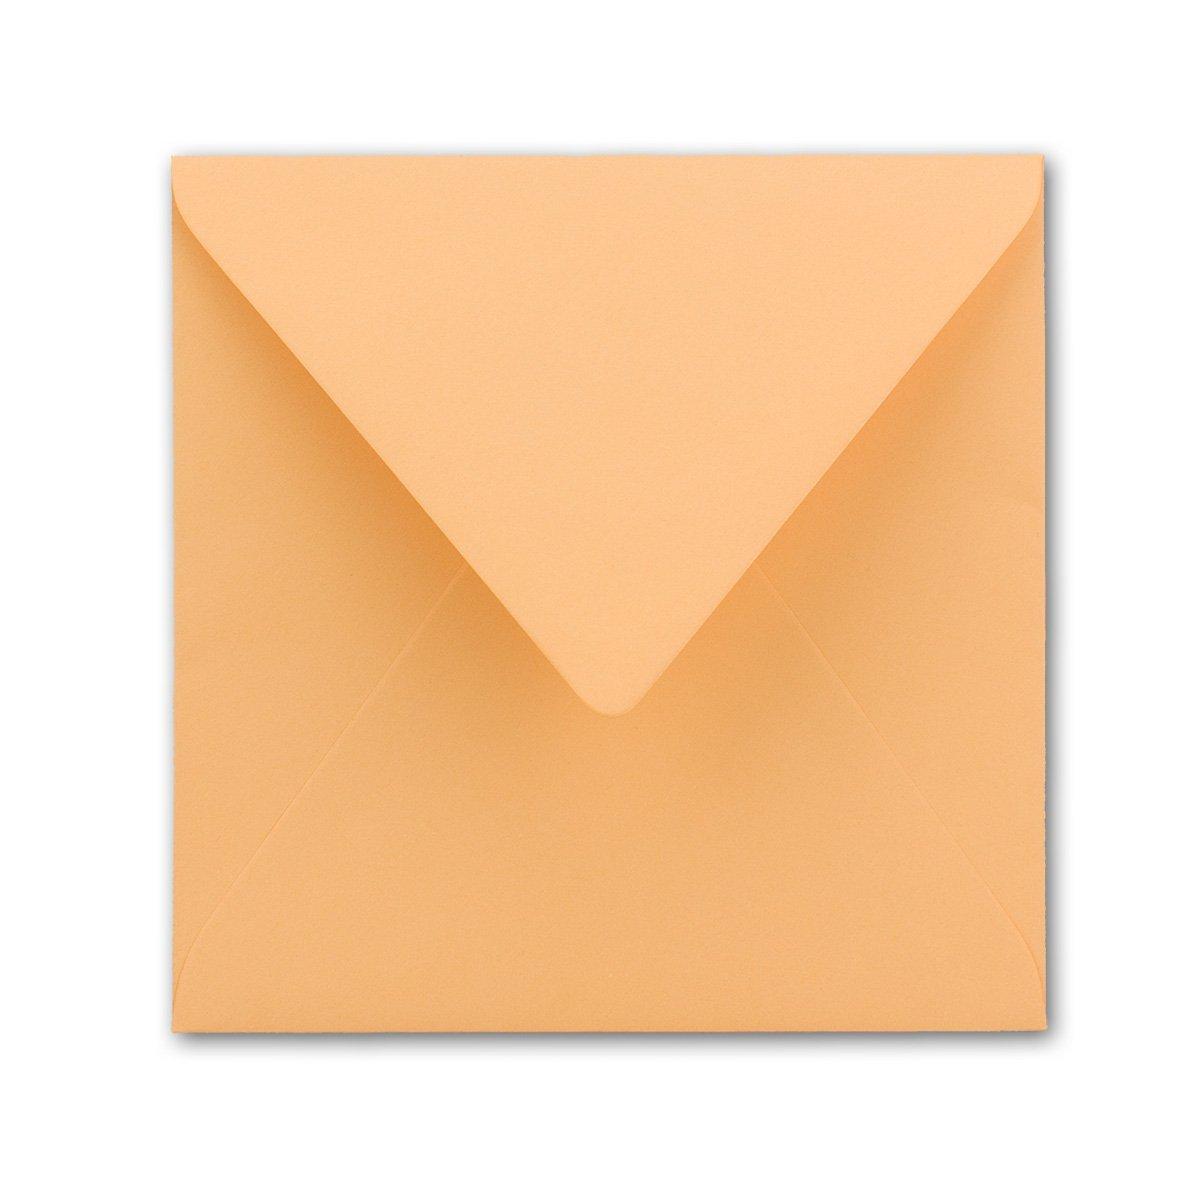 Quadratische Brief-Umschläge Brief-Umschläge Brief-Umschläge - Farbe Hochweiss   150 Stück   155 x 155 mm   Nassklebung   Für Einladungen & Hochzeit    Serie FarbenFroh® B07D2GDCDB | Reparieren  89c38d